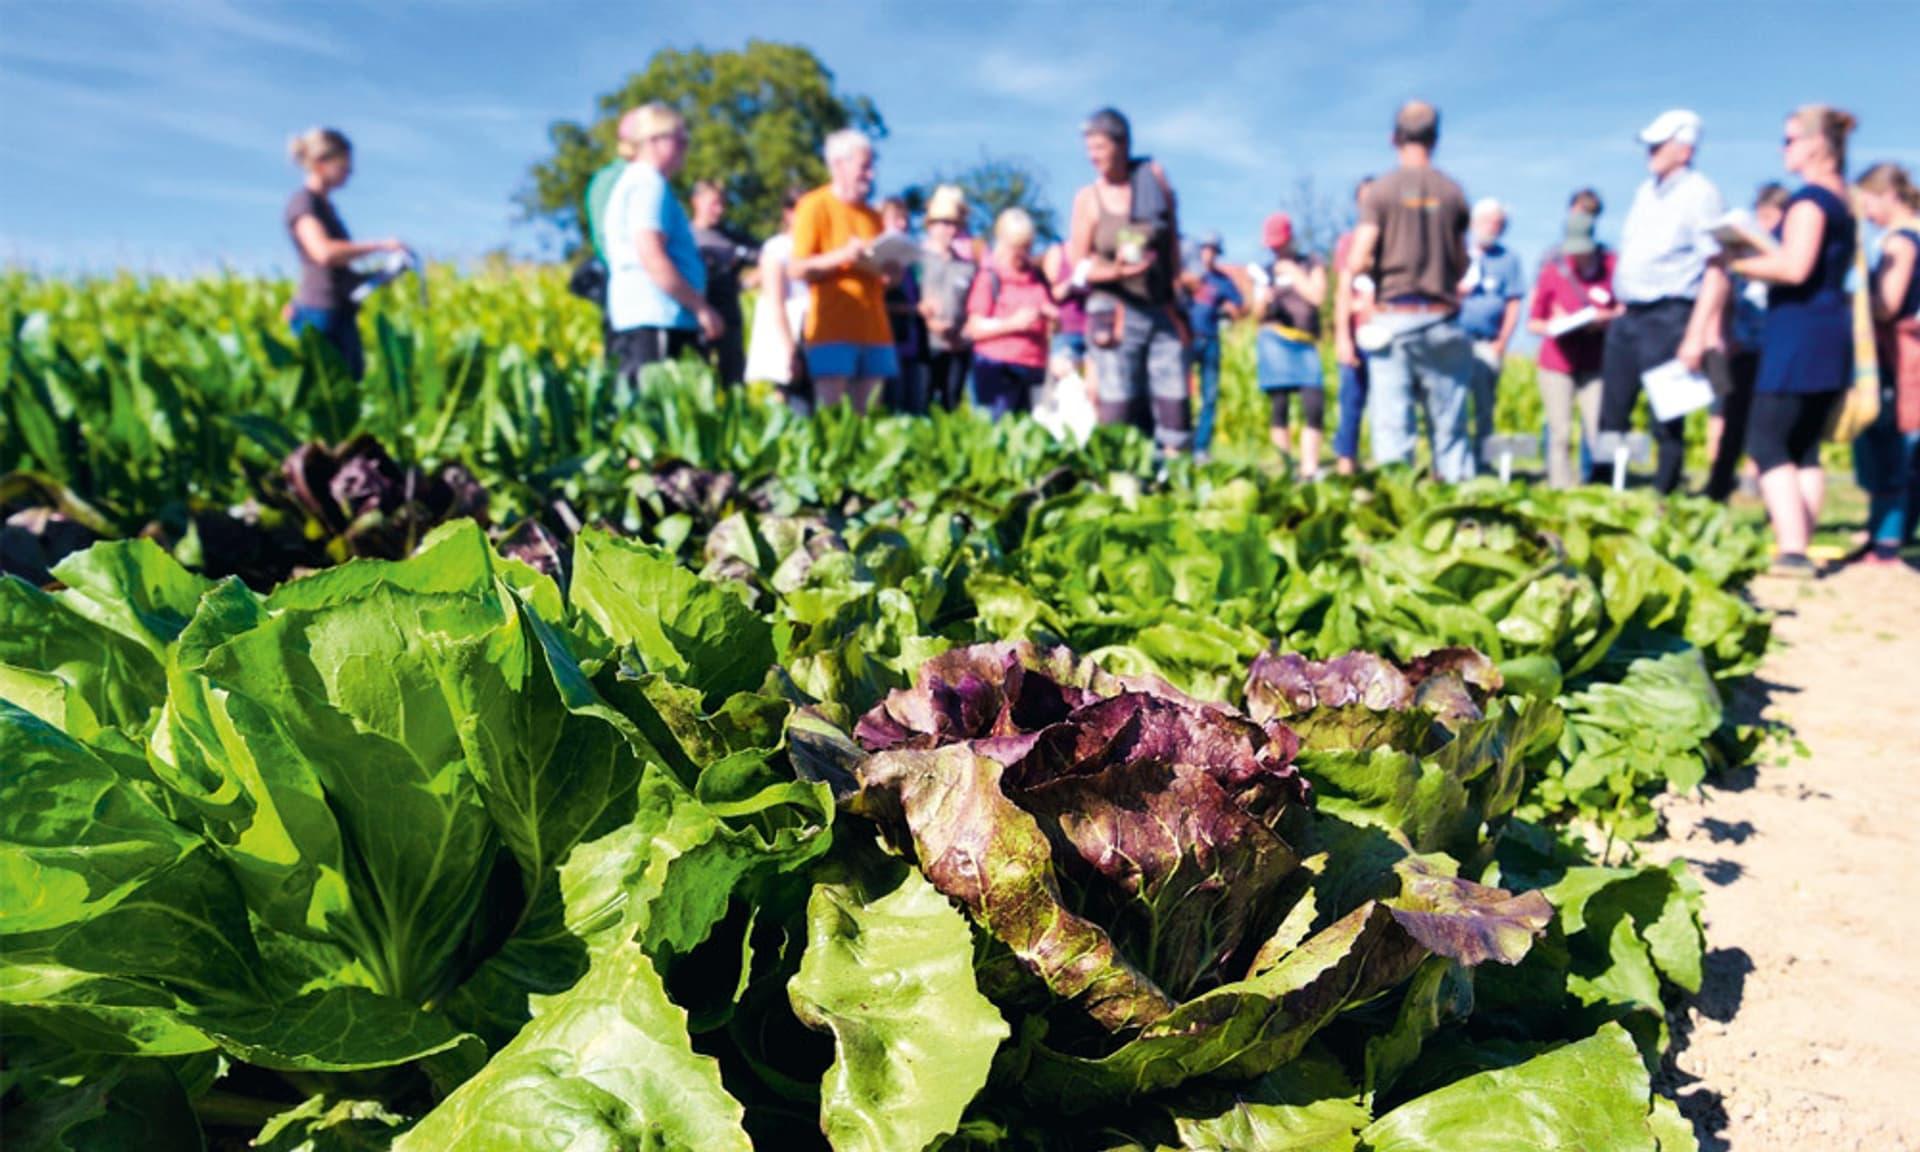 Menschen auf einem Feld mit Salatköpfen